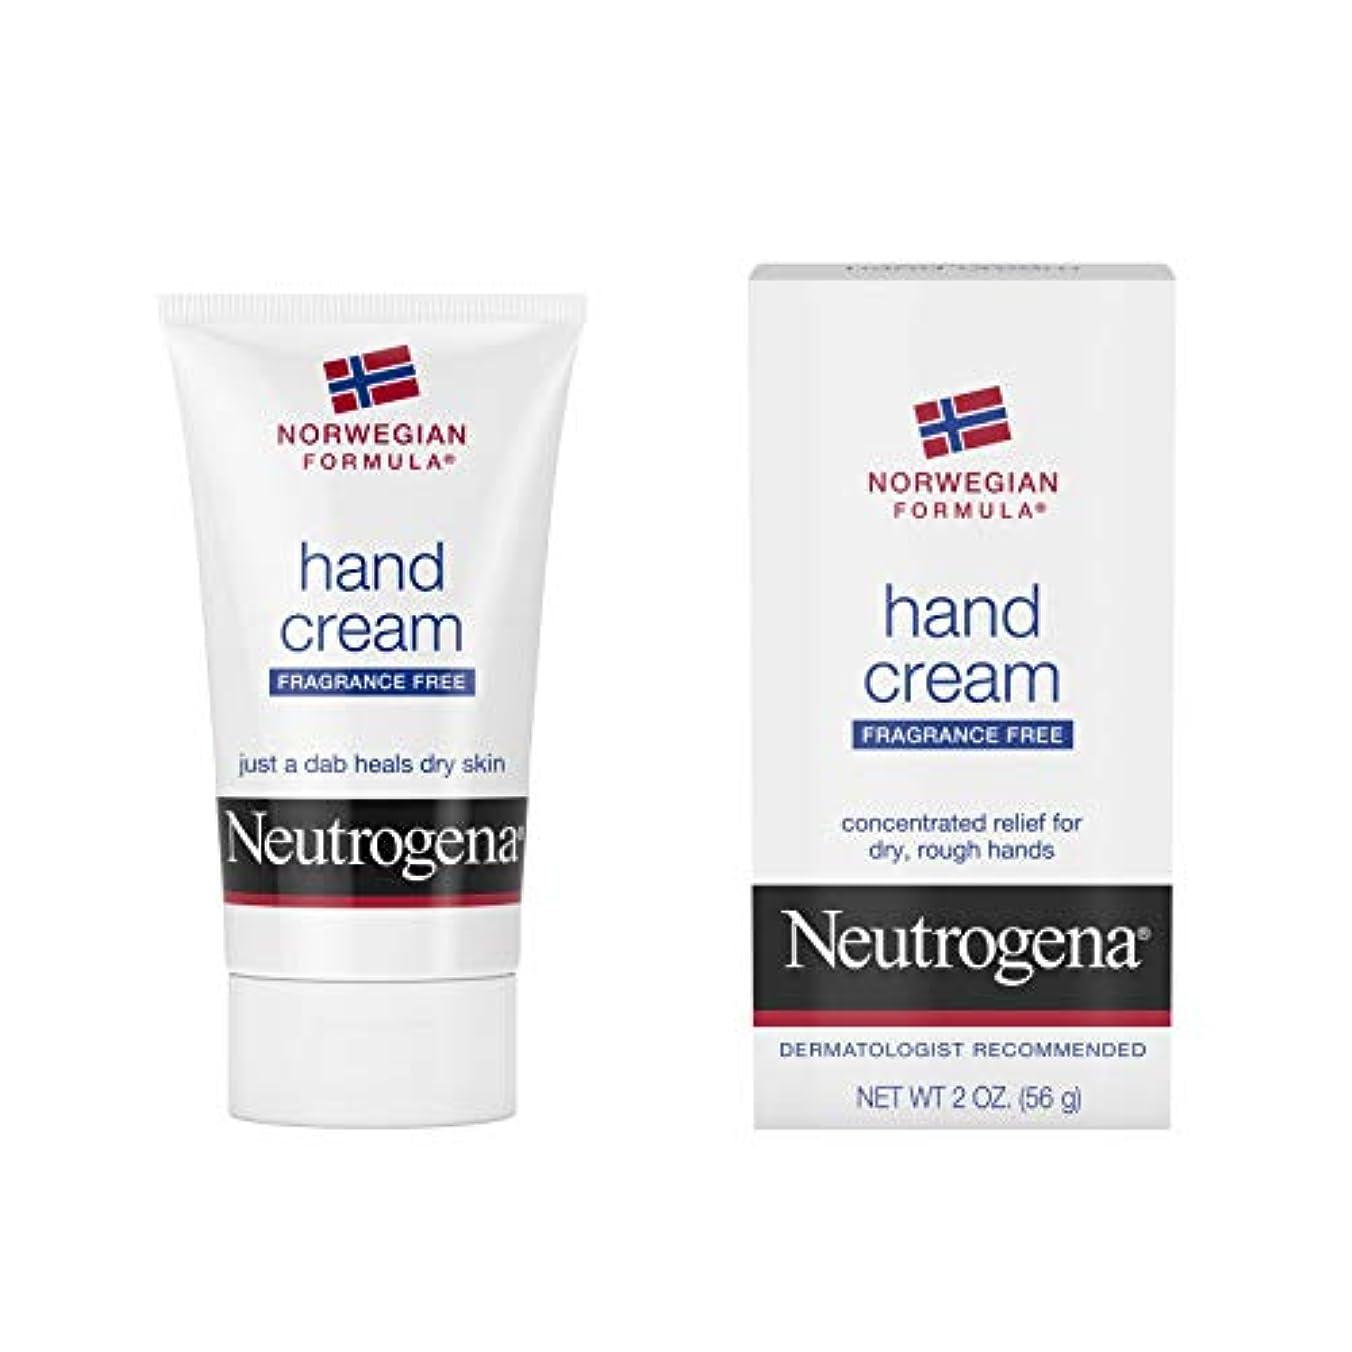 チャネル変数黒板Neutrogena Norwegian Formula Hand Cream Fragrance-Free 60 ml (並行輸入品)